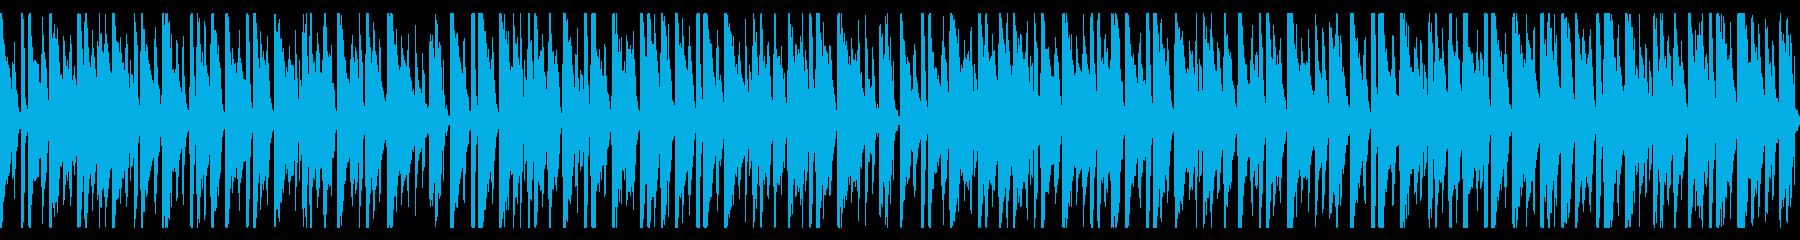 落ち着いたリズムが心地よい曲。の再生済みの波形